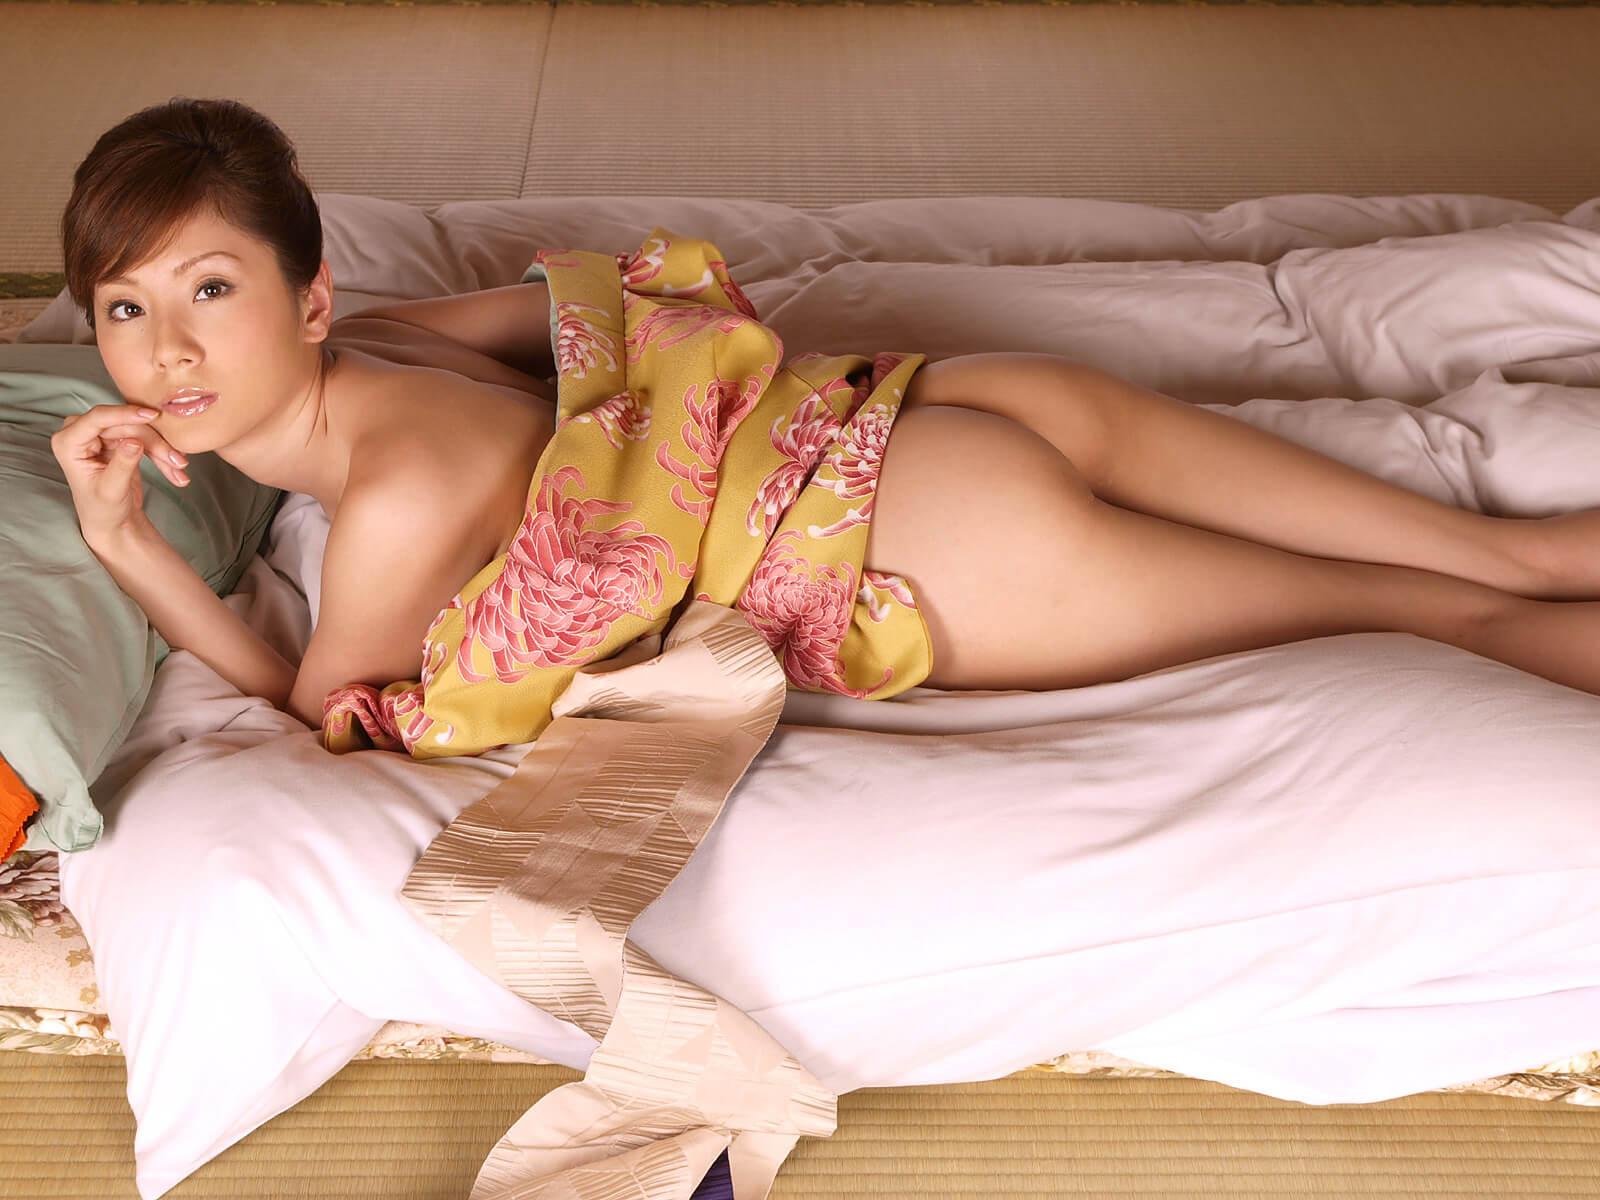 Голая и в трусиках попа азиатки (45 фото)